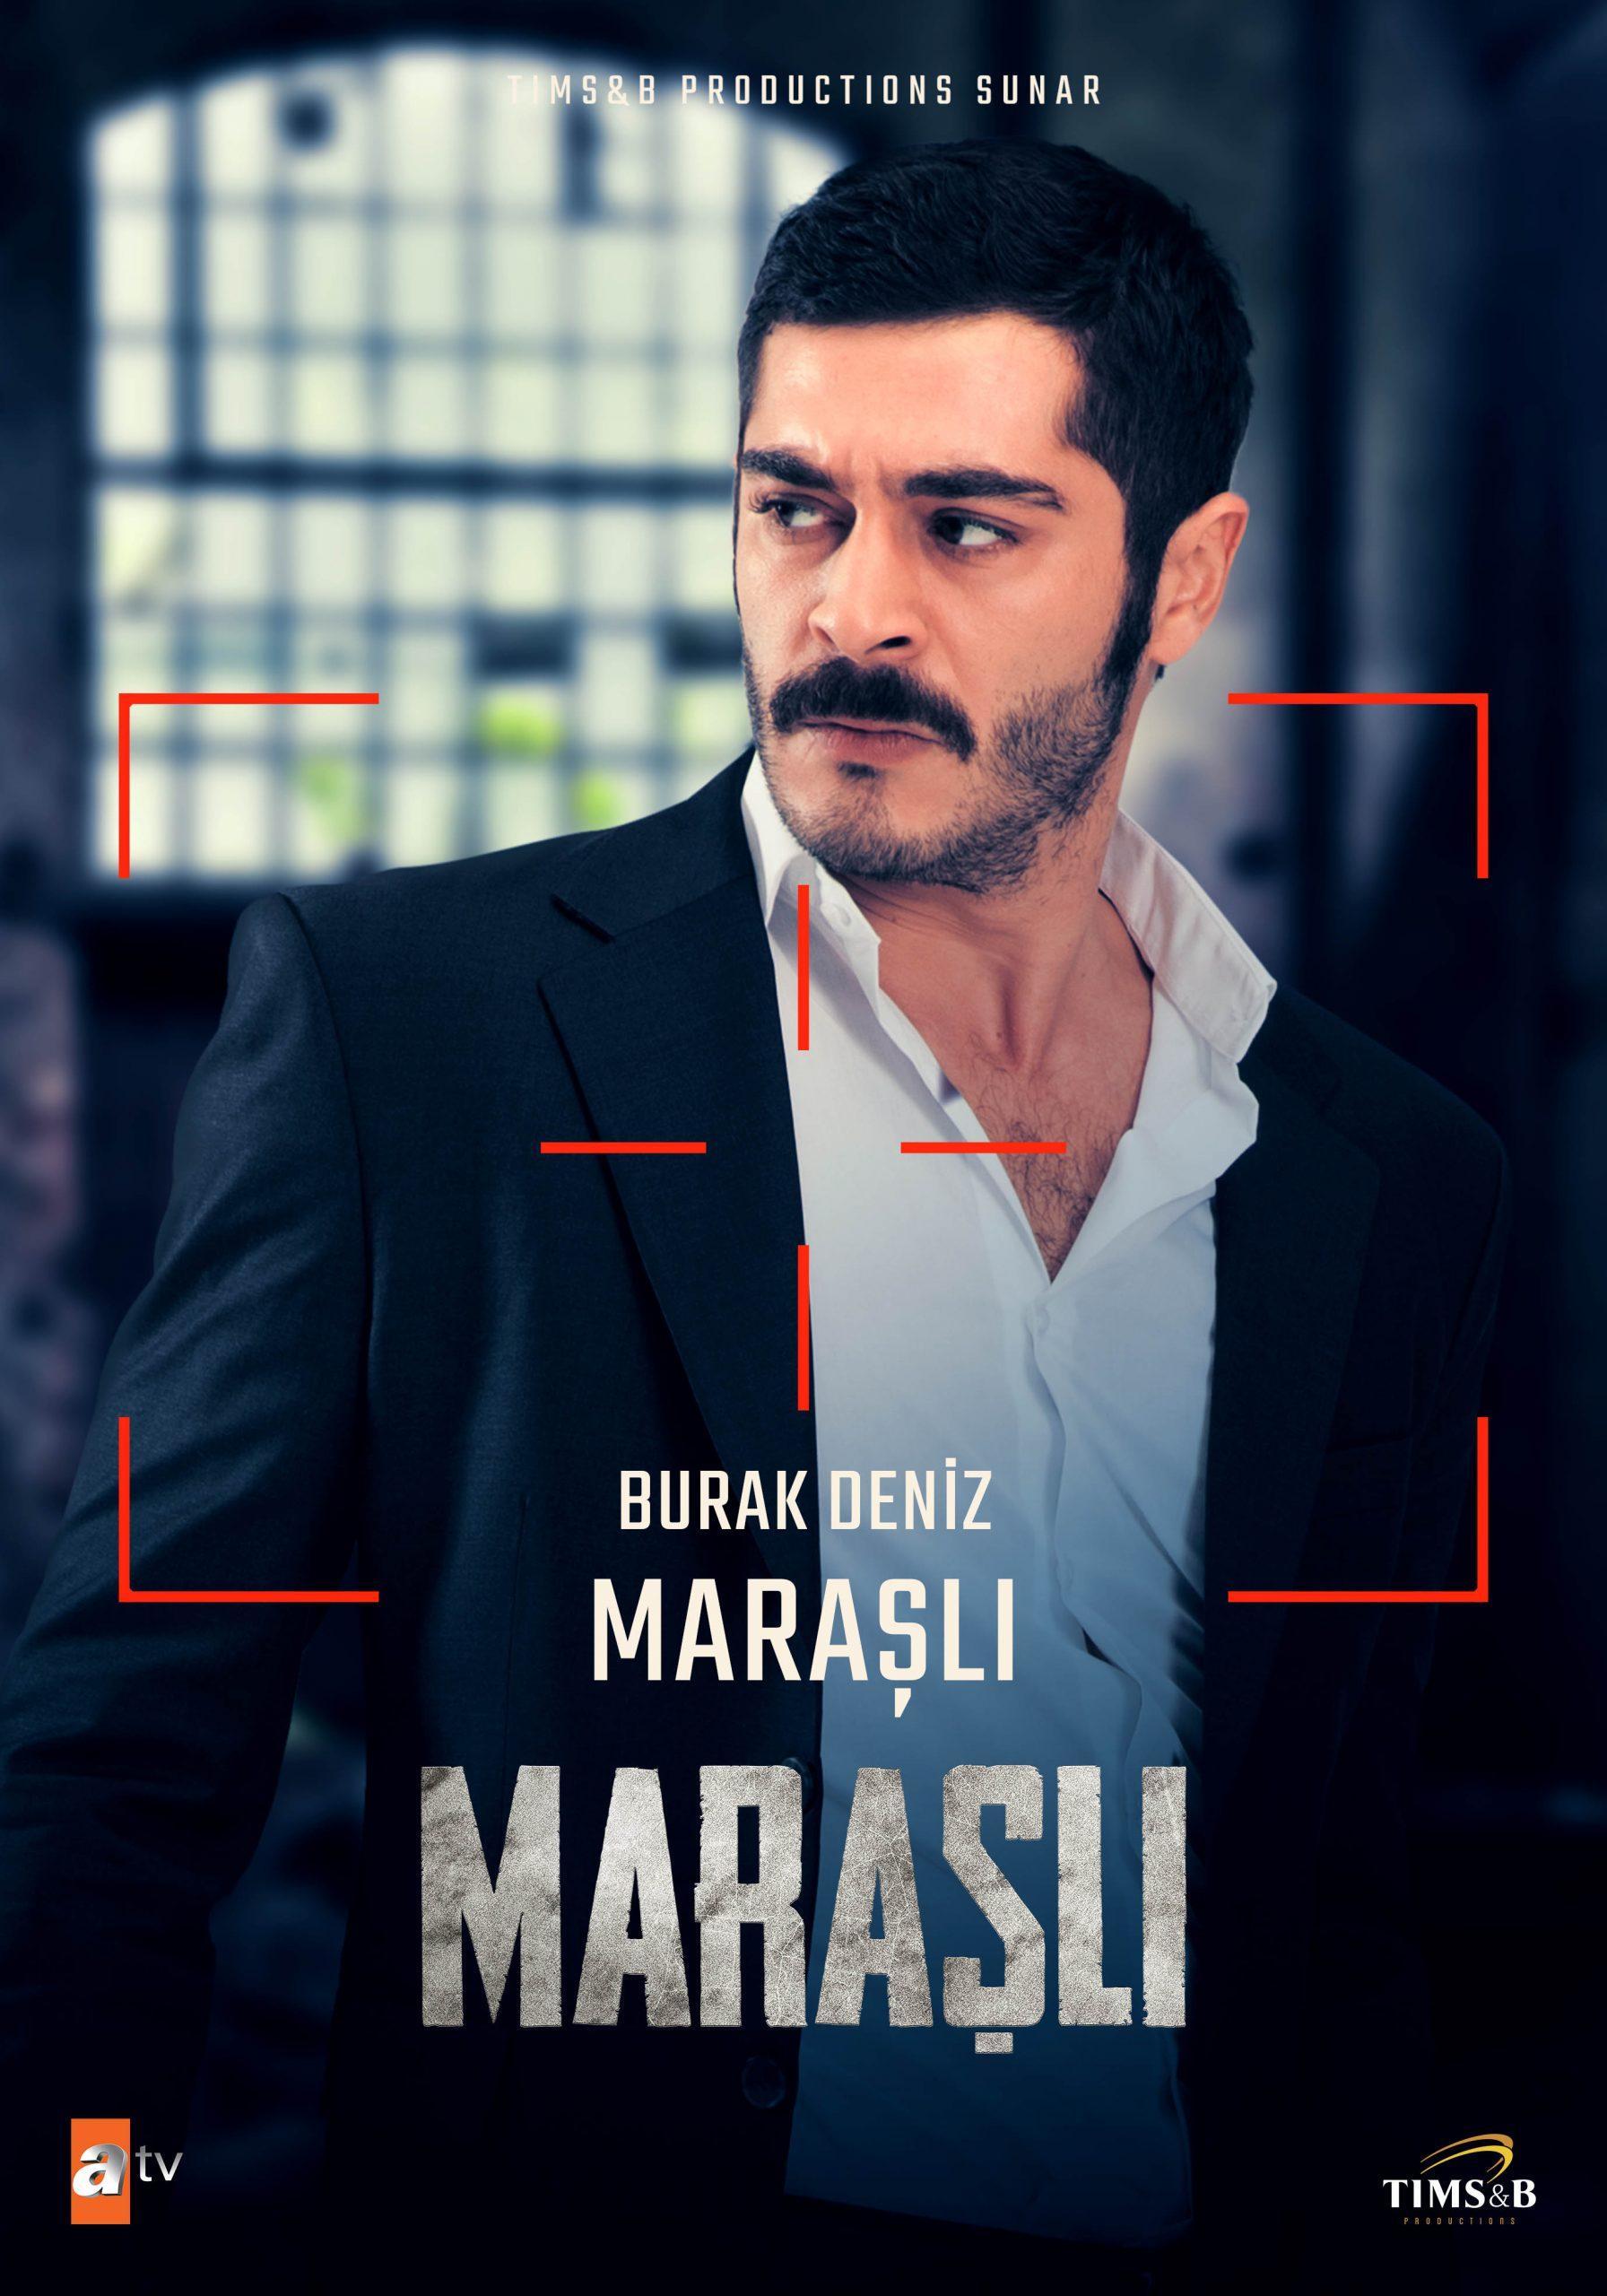 MARASLI_K_MARASLI_M-scaled